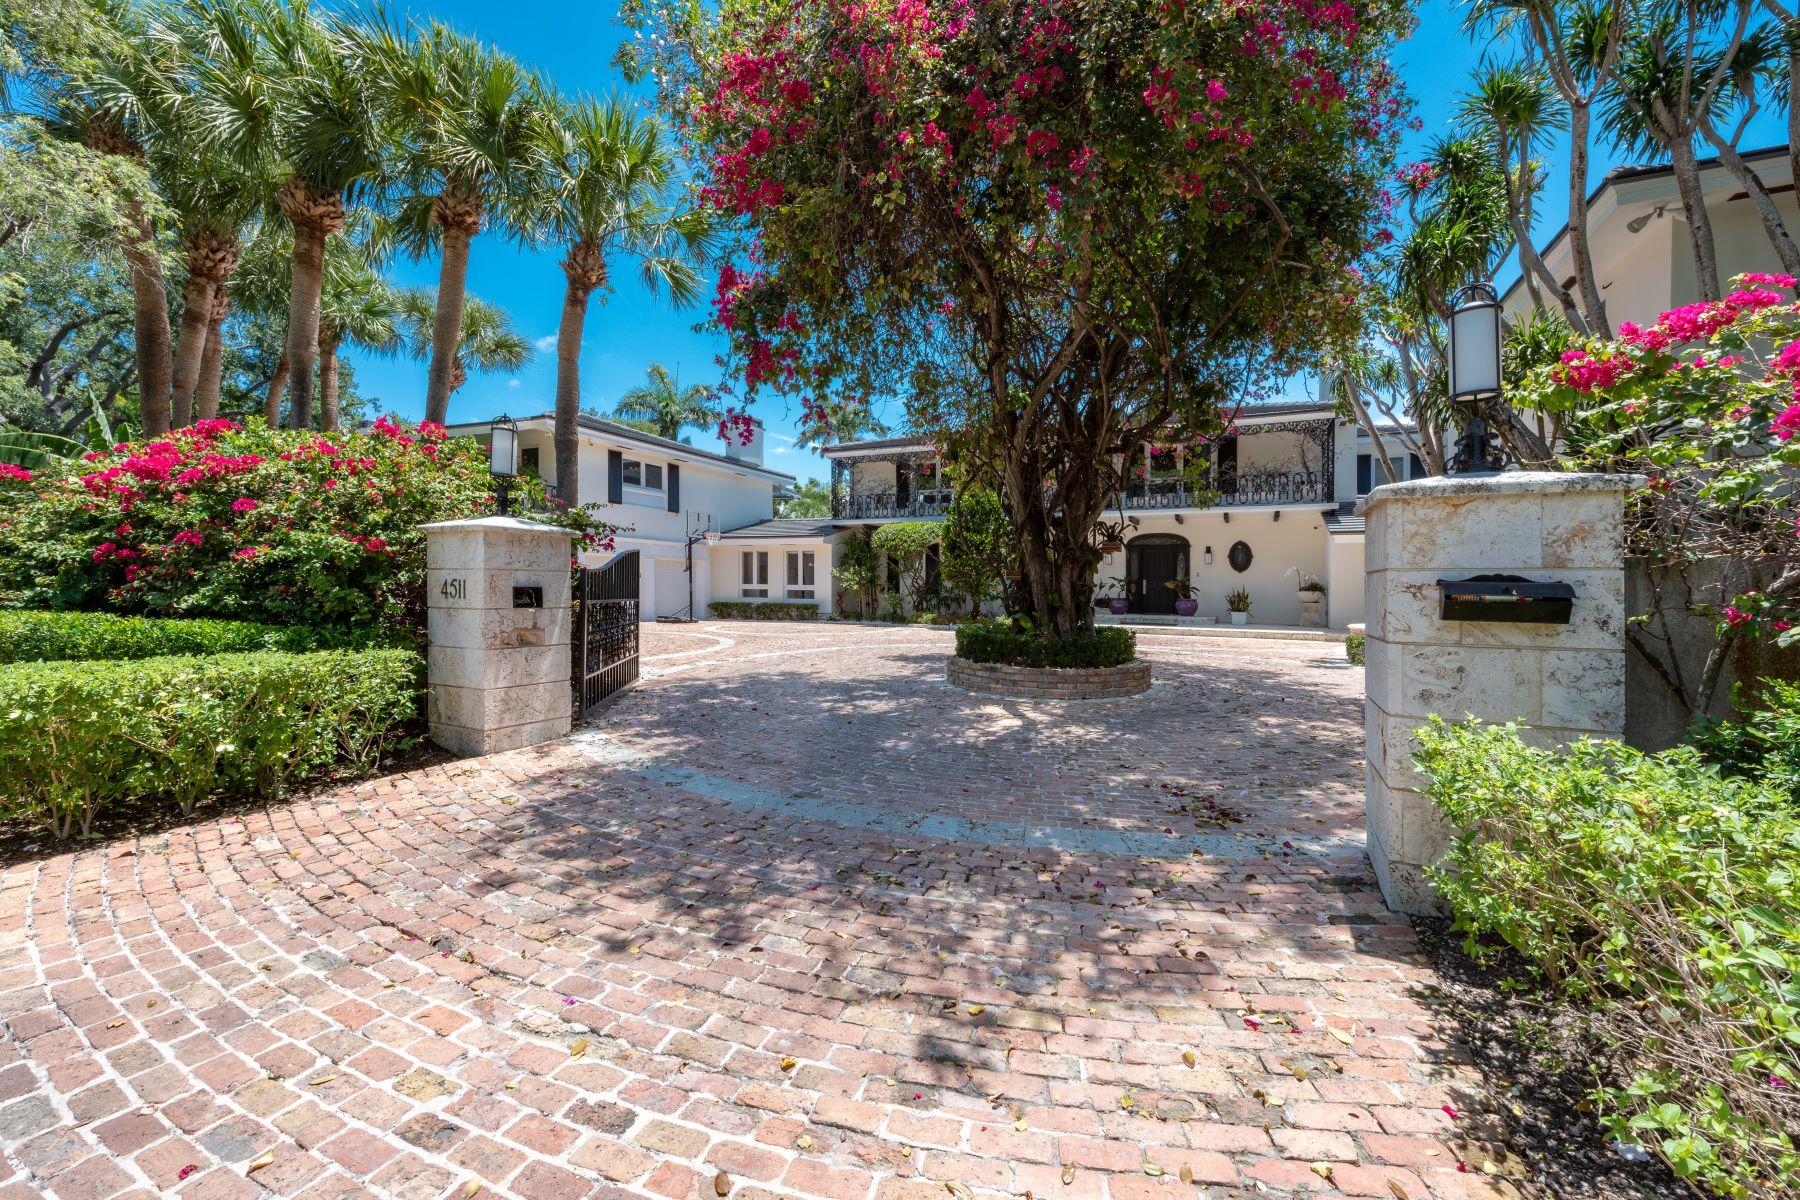 独户住宅 为 出租 在 4511 Lake Rd 4511 Lake Rd 迈阿密, 佛罗里达州 33137 美国